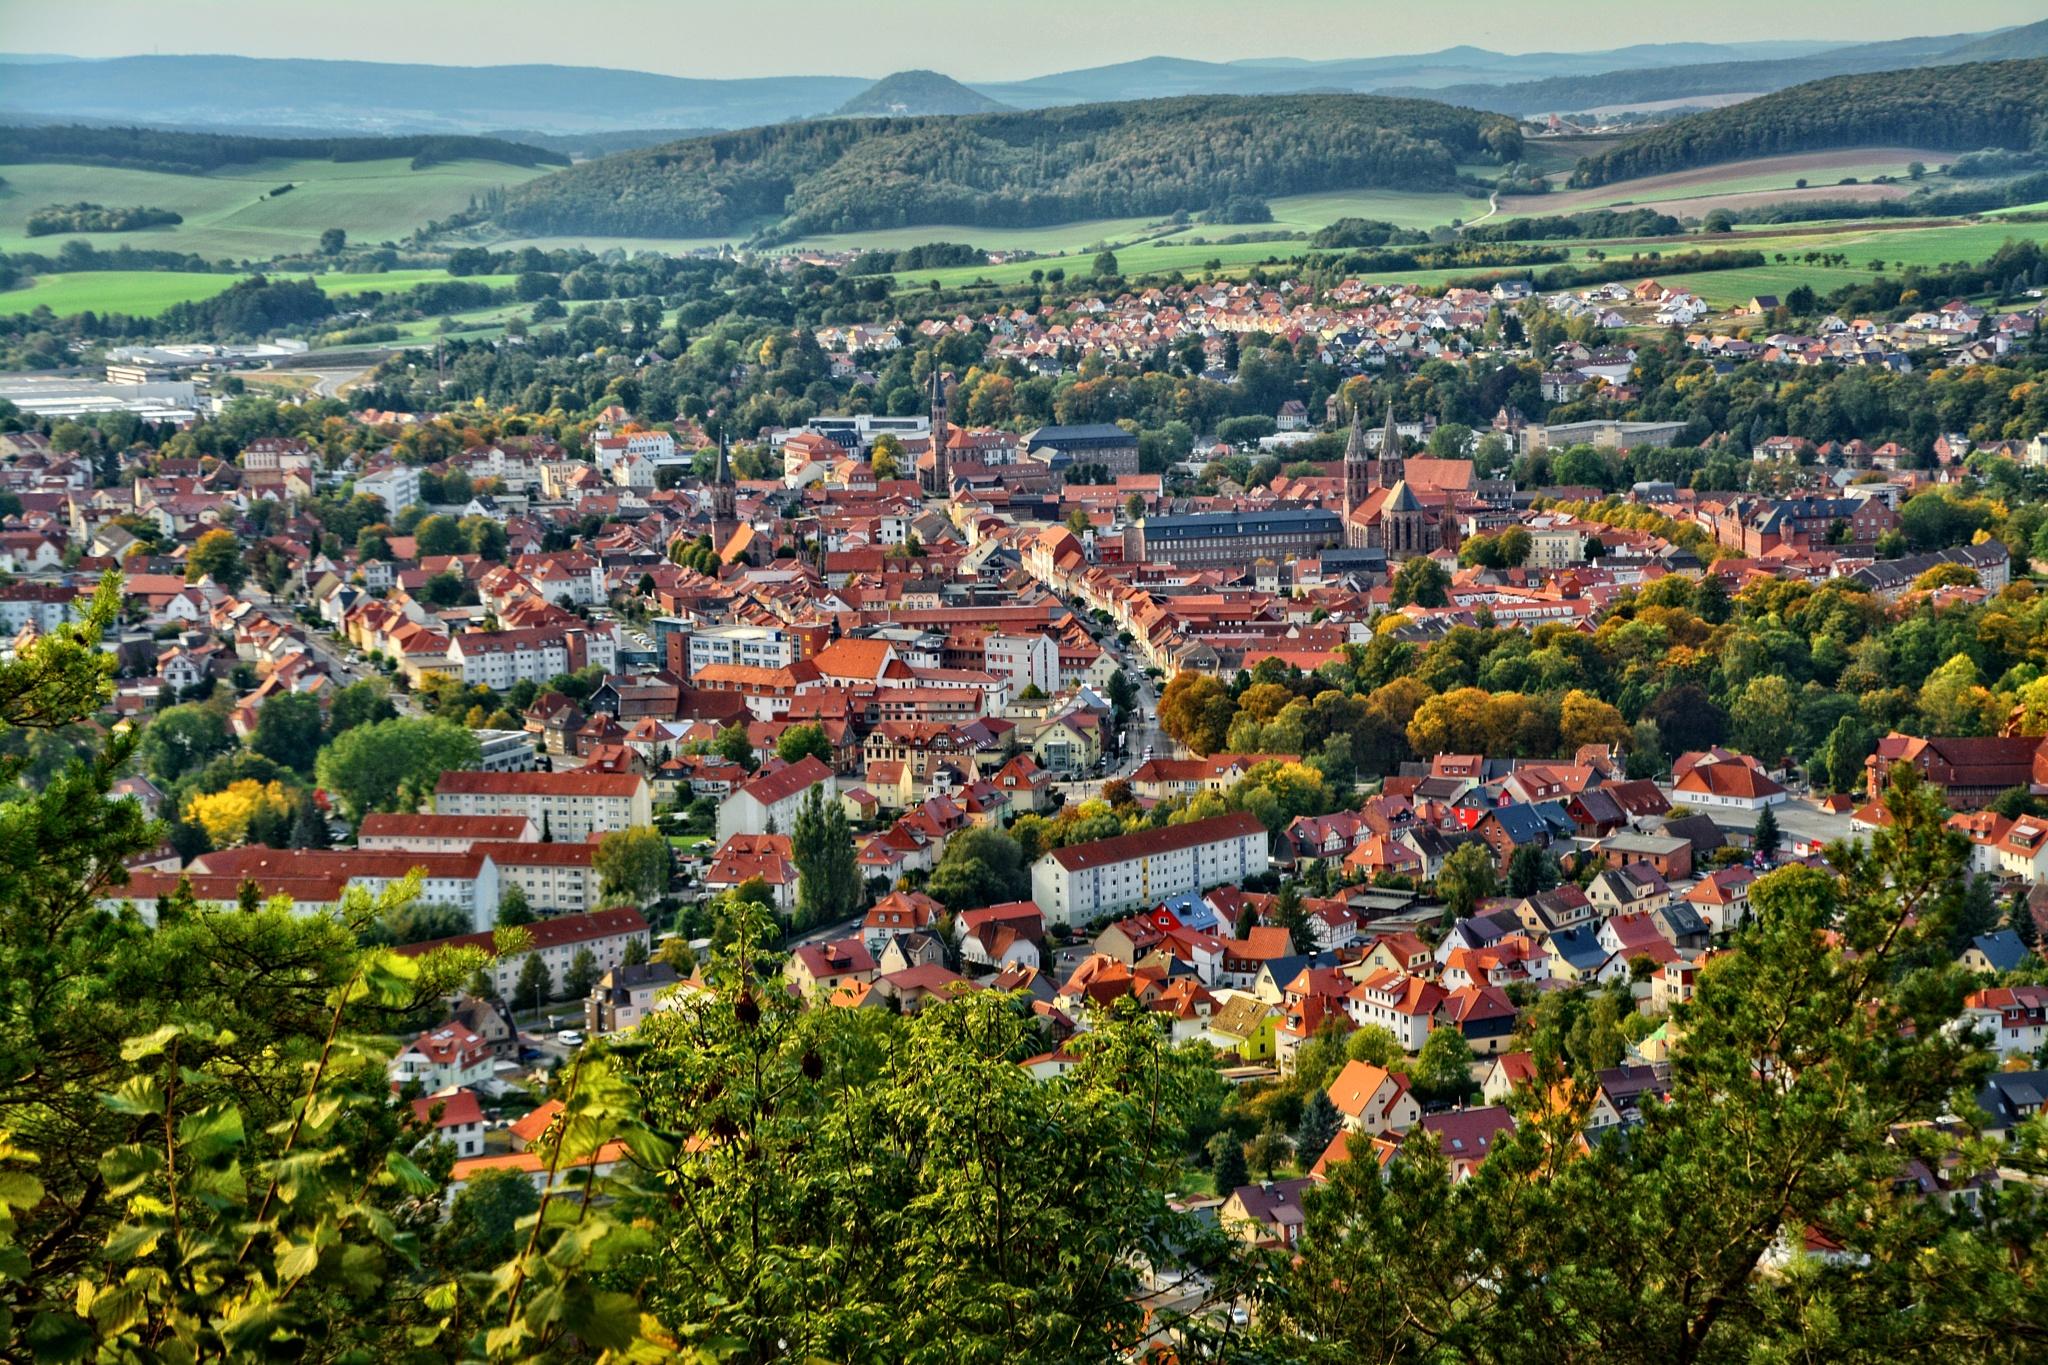 Blick auf meine Heimatstadt Heilbad Heiligenstadt by RoPaFue